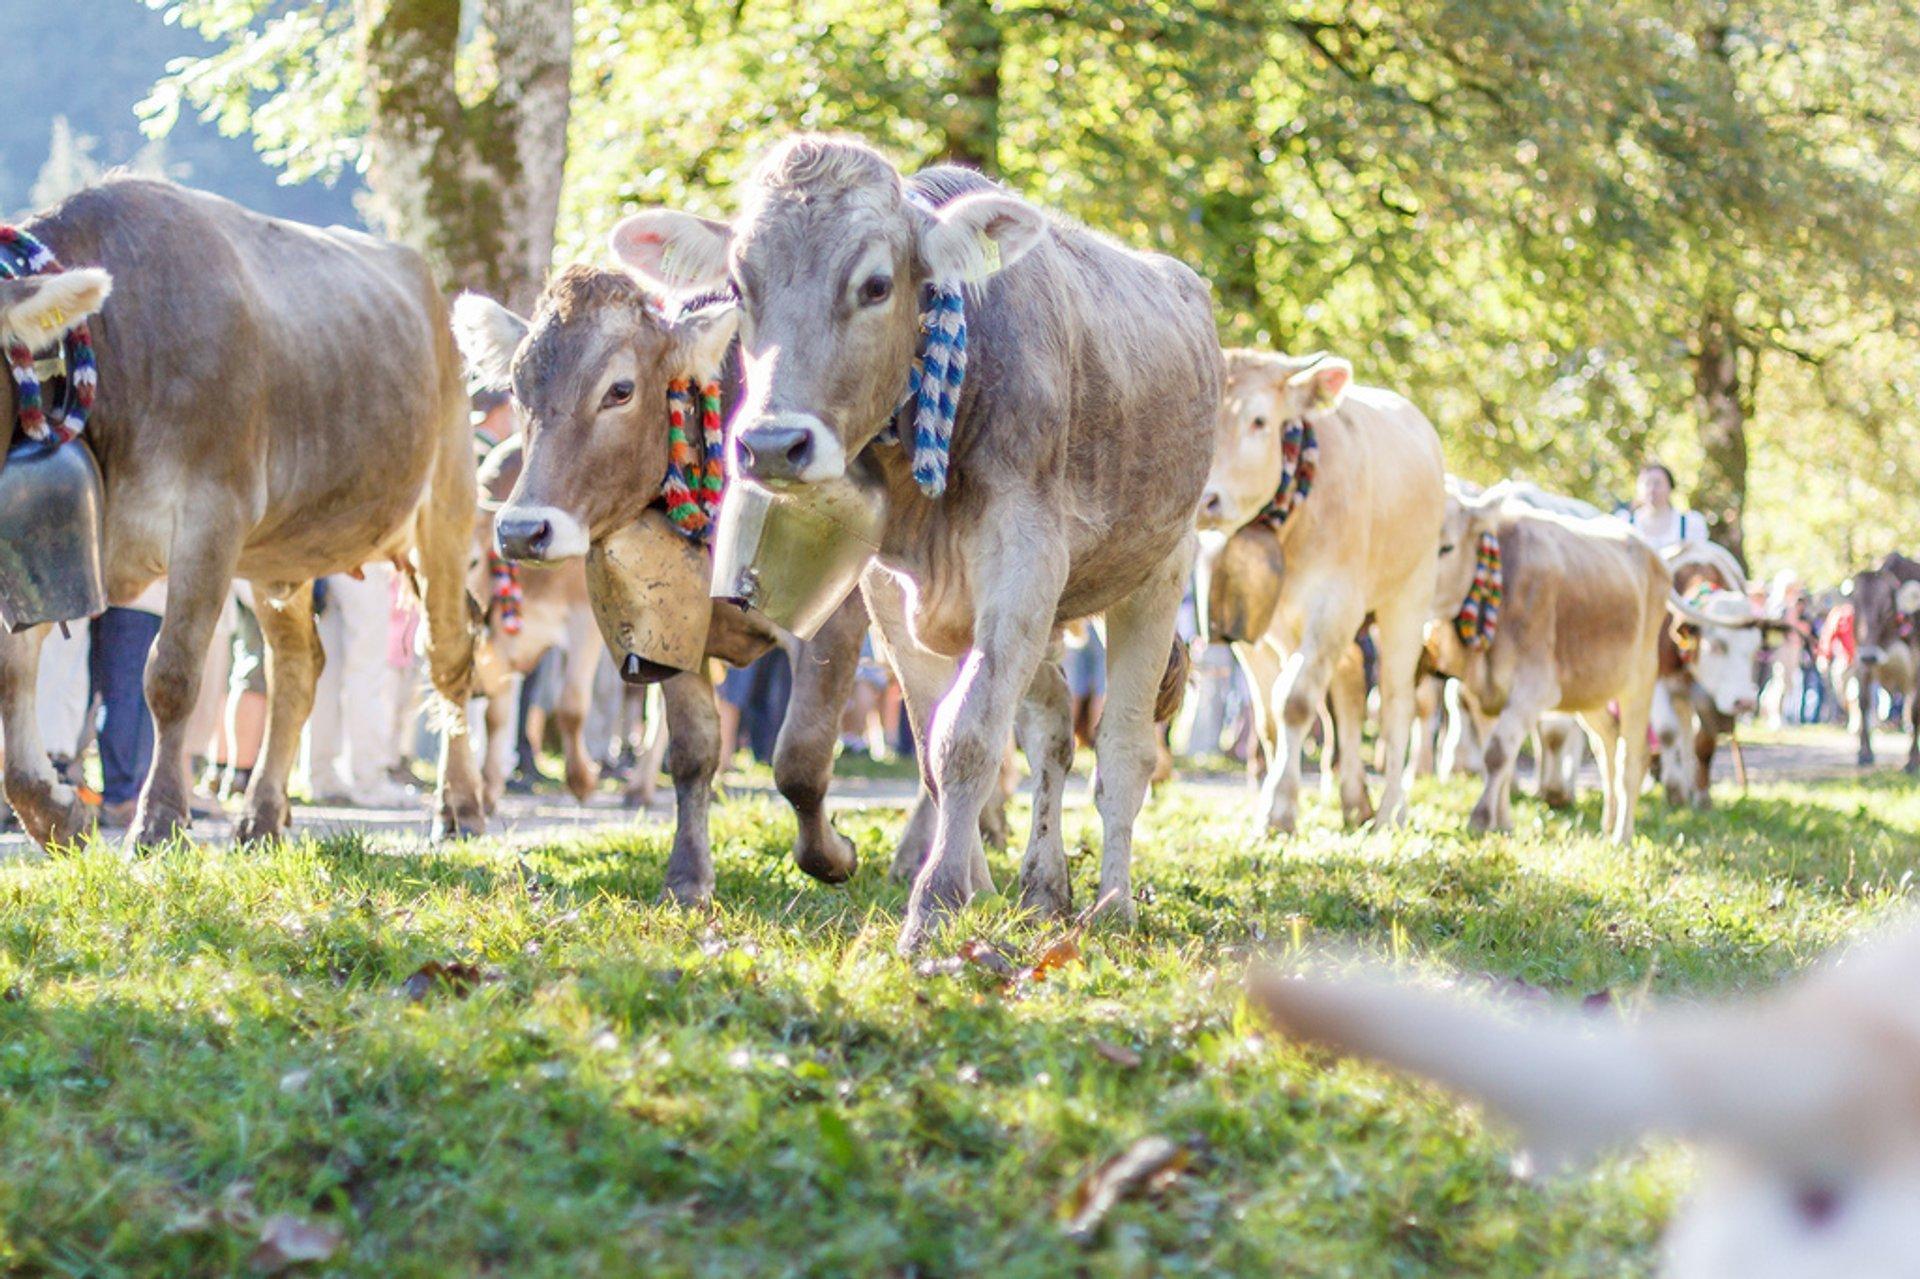 Viehscheid in Bavaria 2019 - Best Time